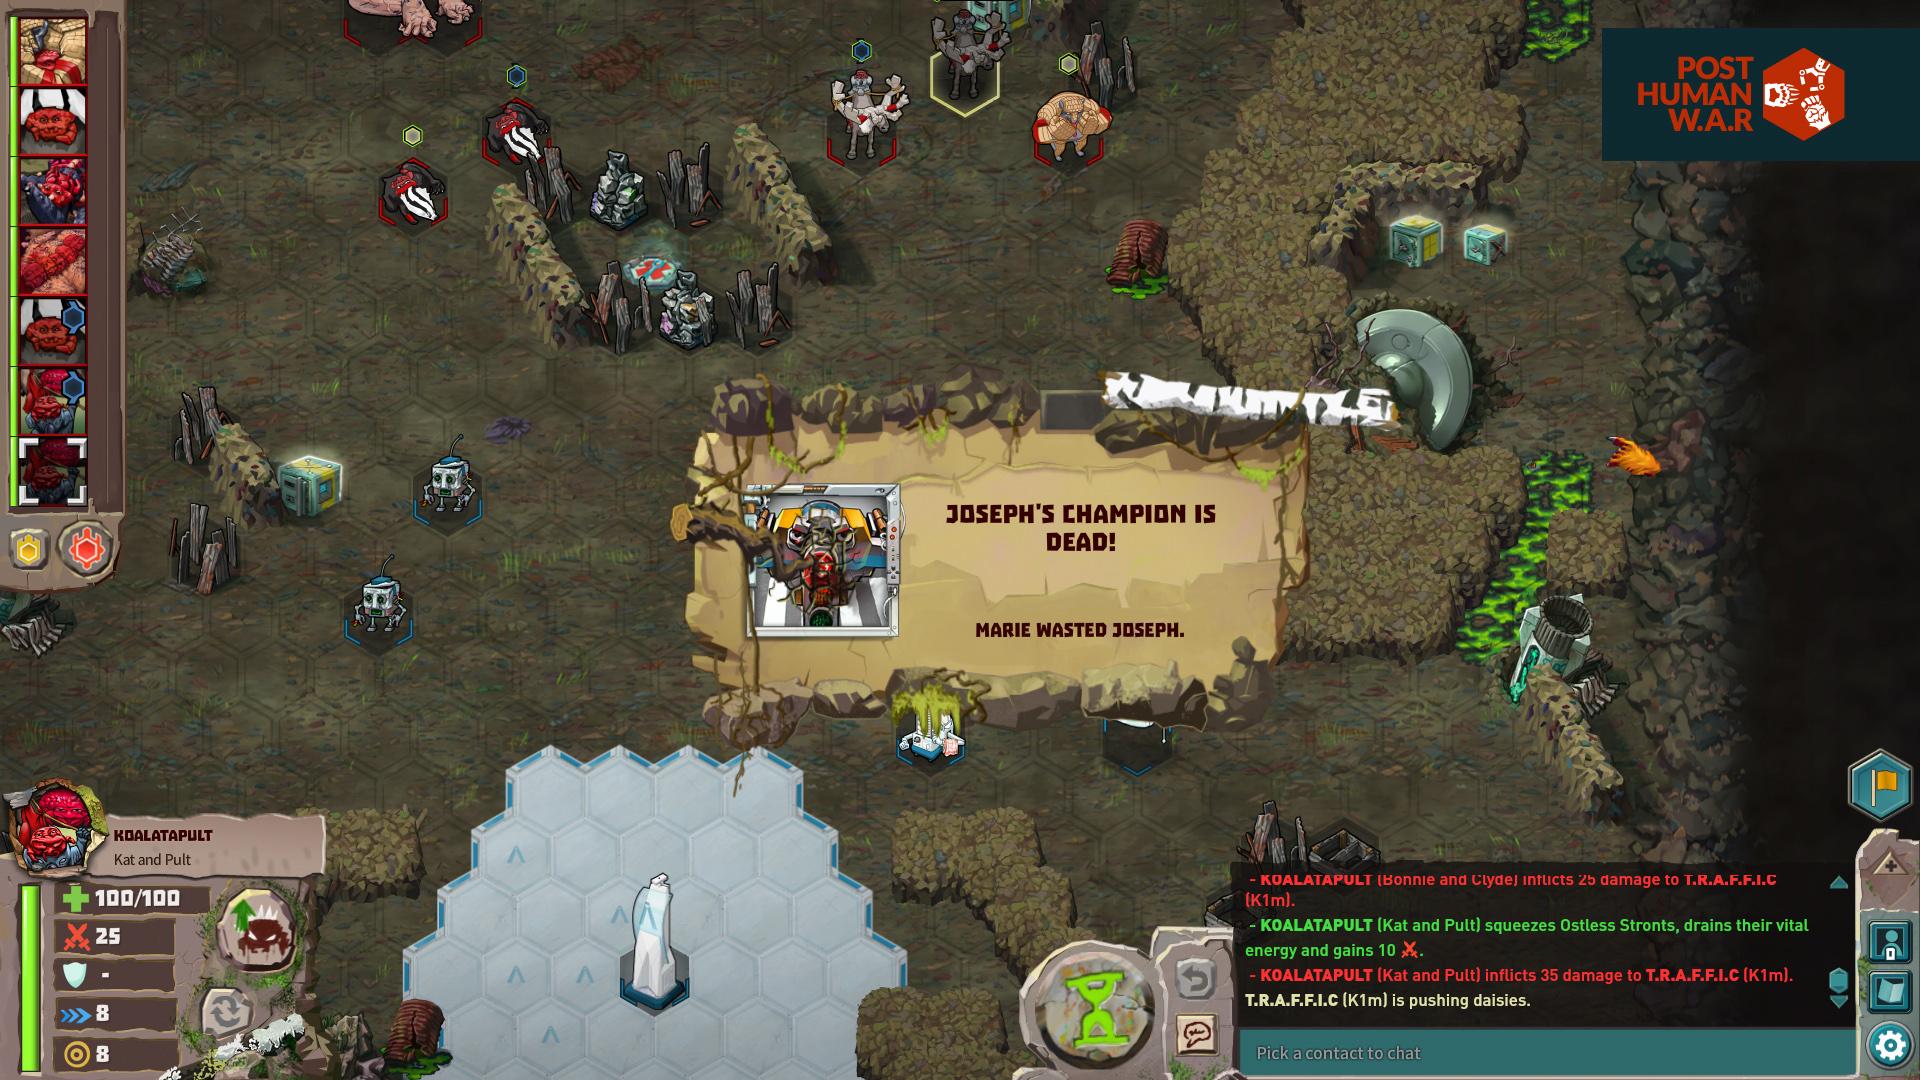 Post Human W.A.R Screenshot 3